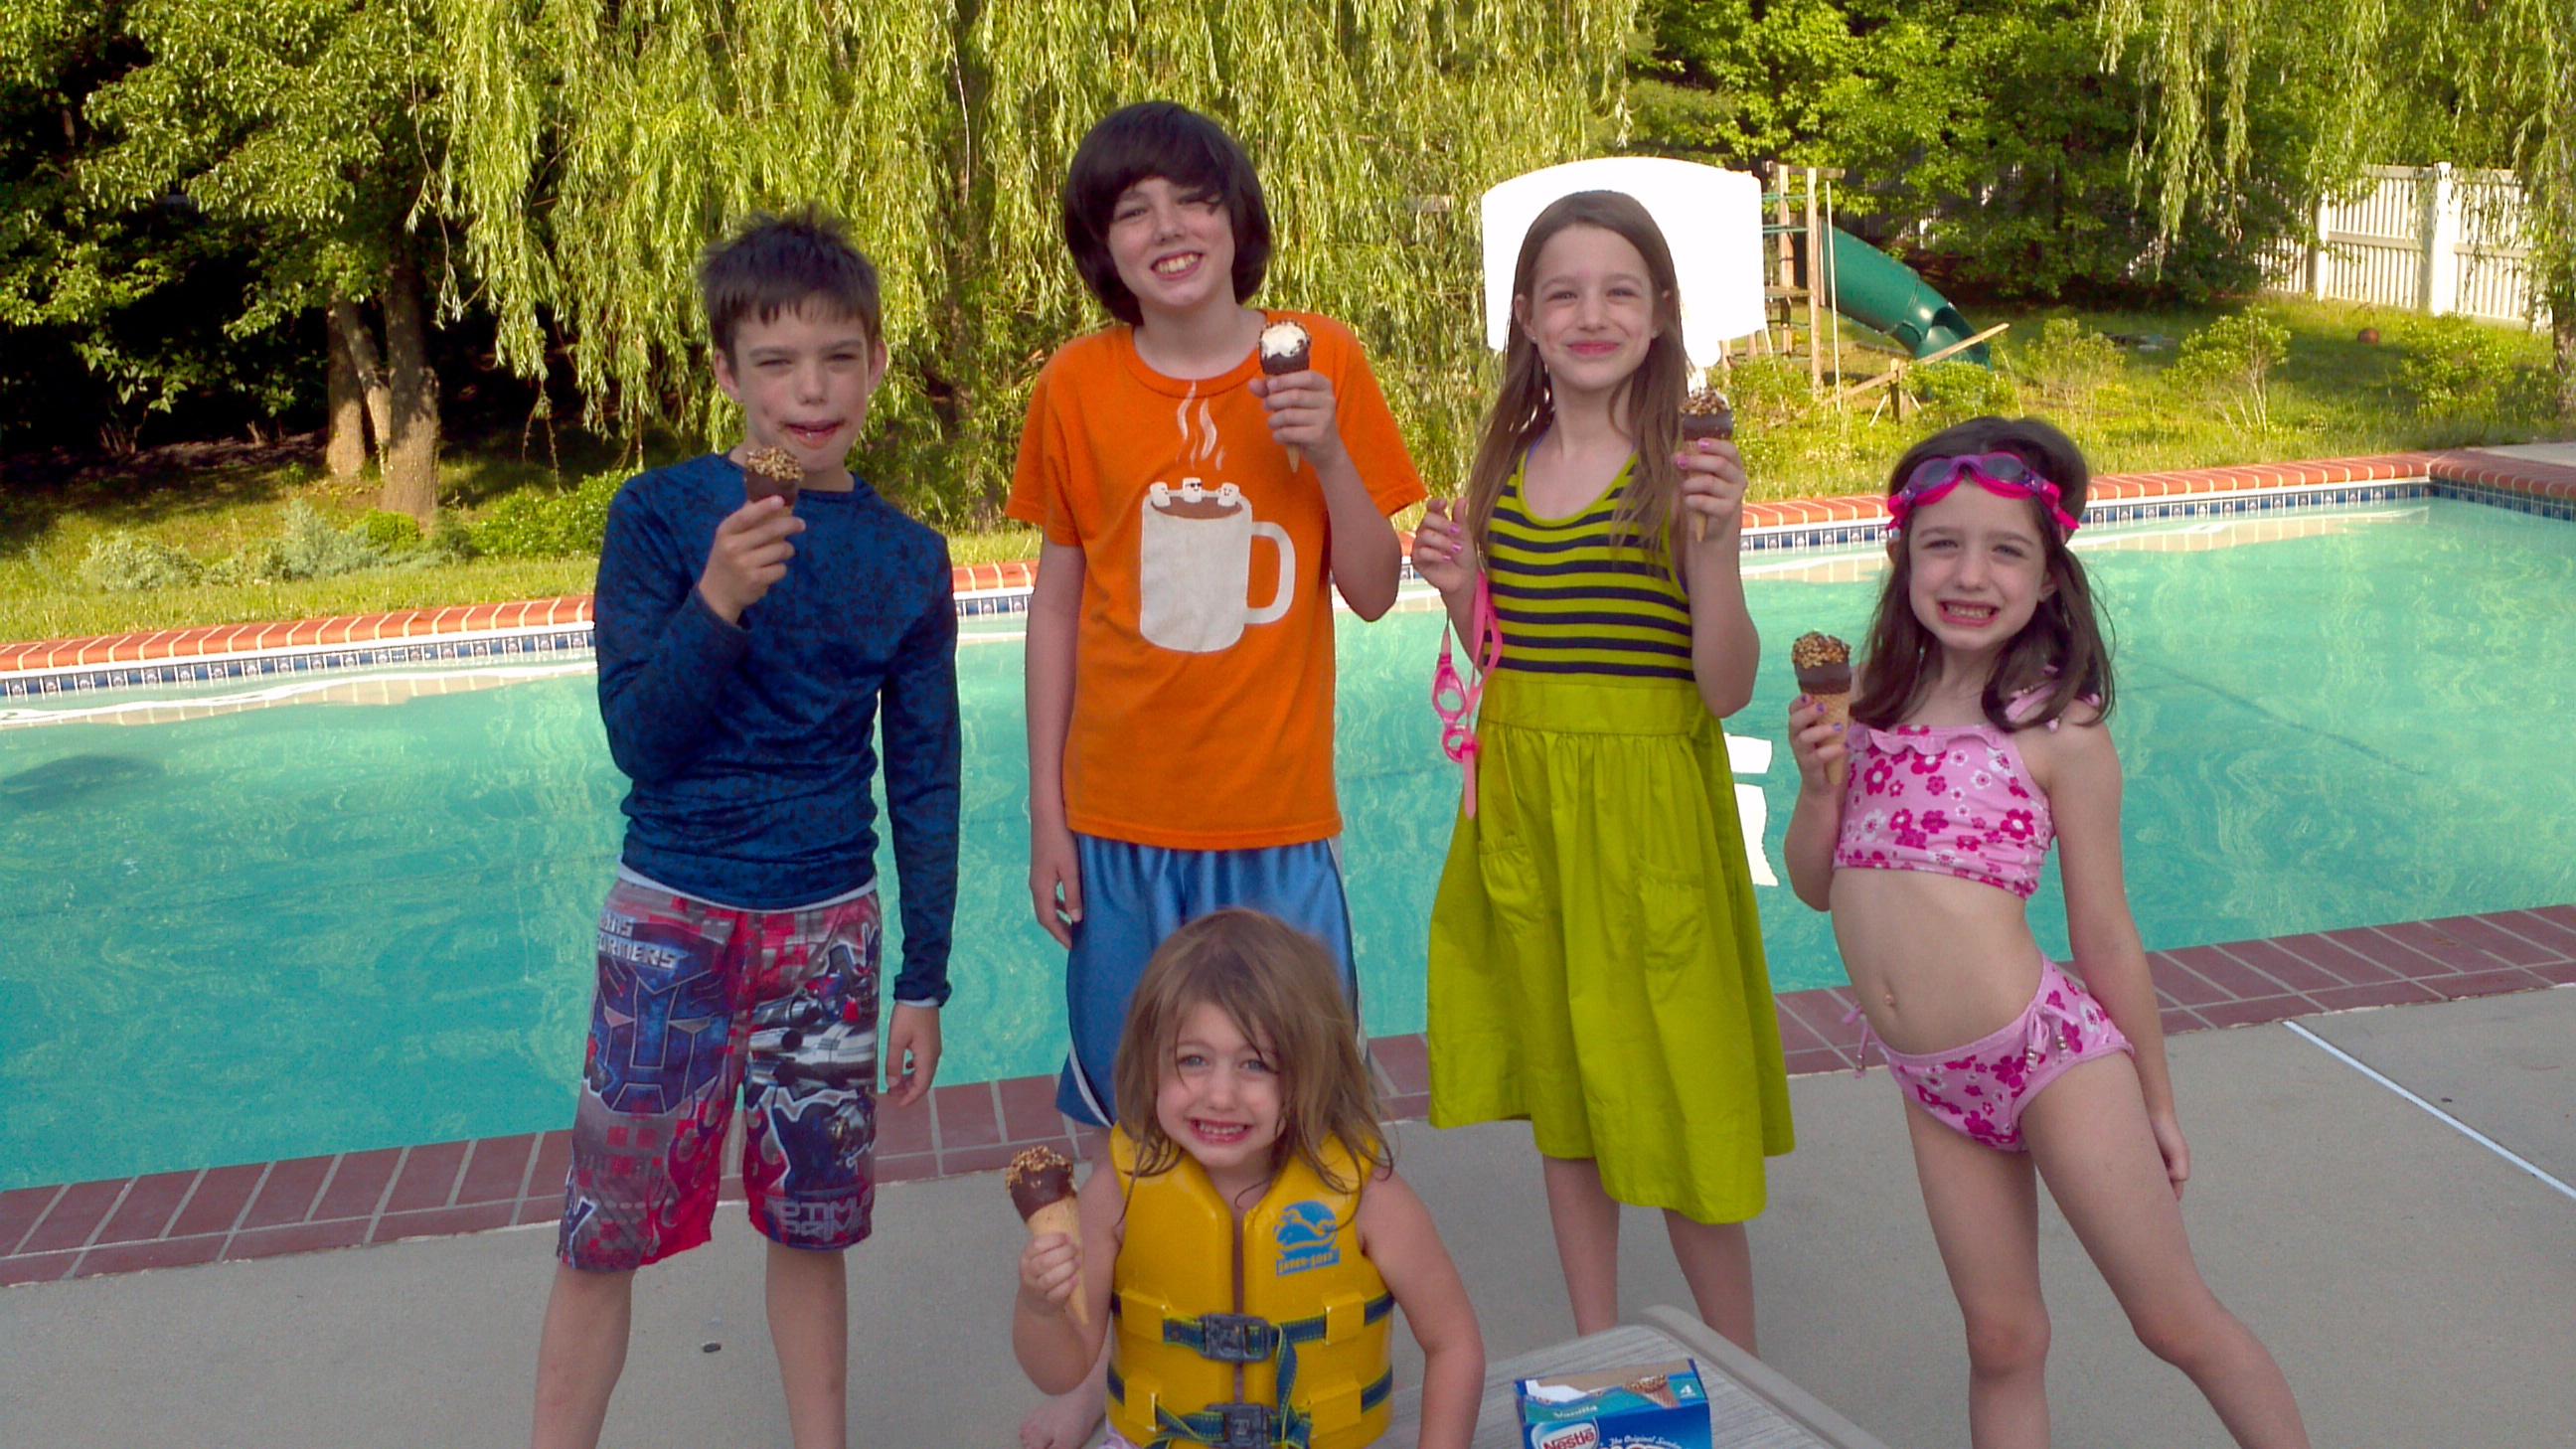 Swimming Pool Fun Stuff : Pool fun raiseacone the happy housewife™ real life